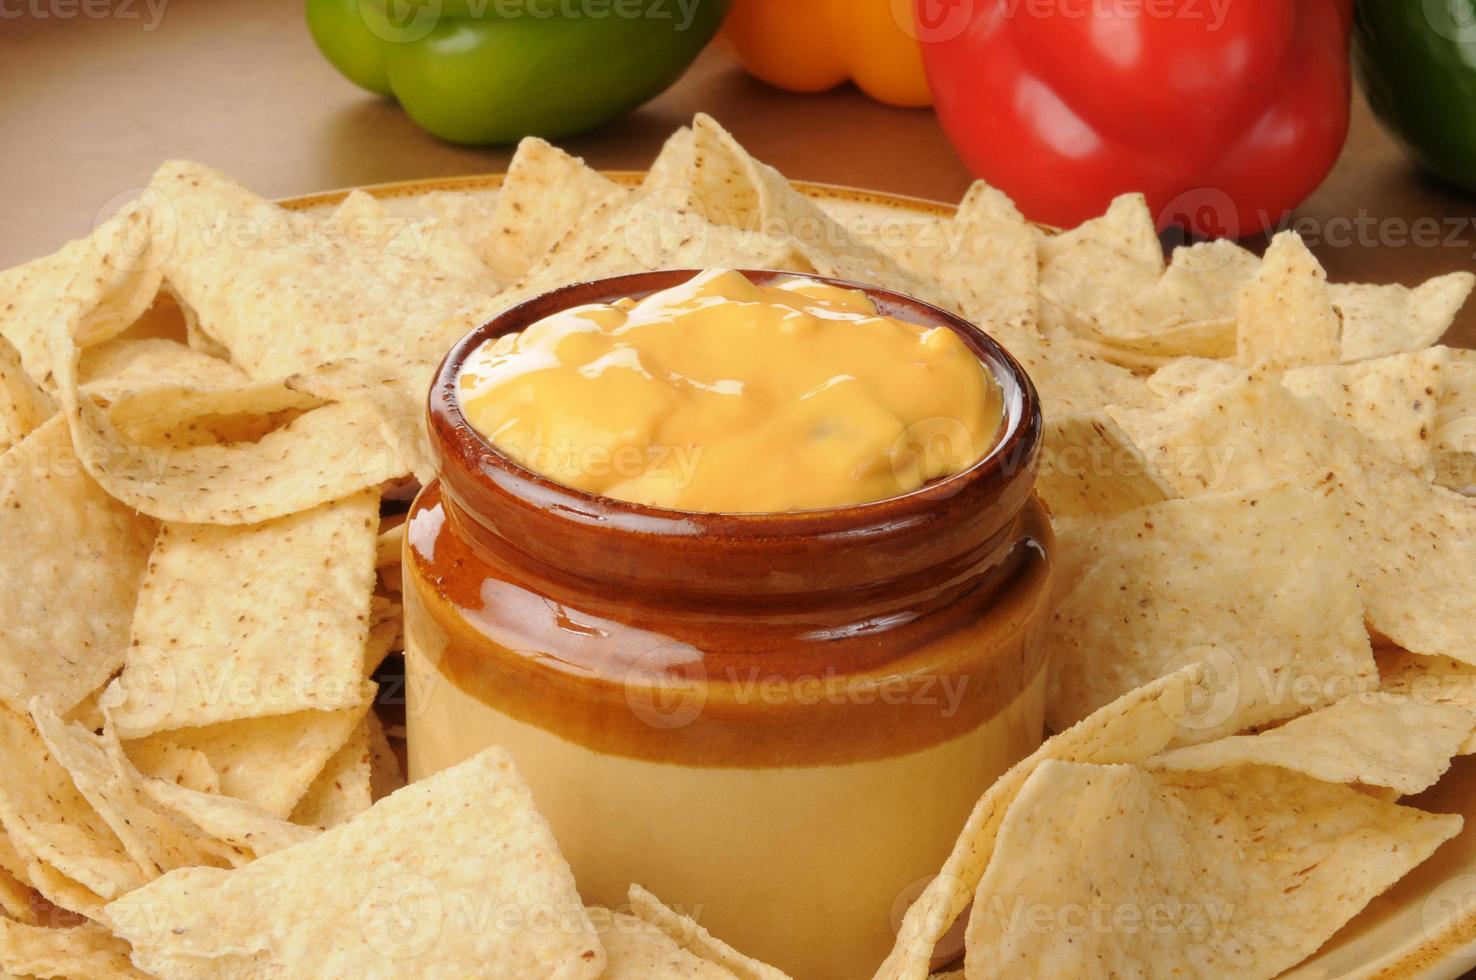 Salsa con queso photo